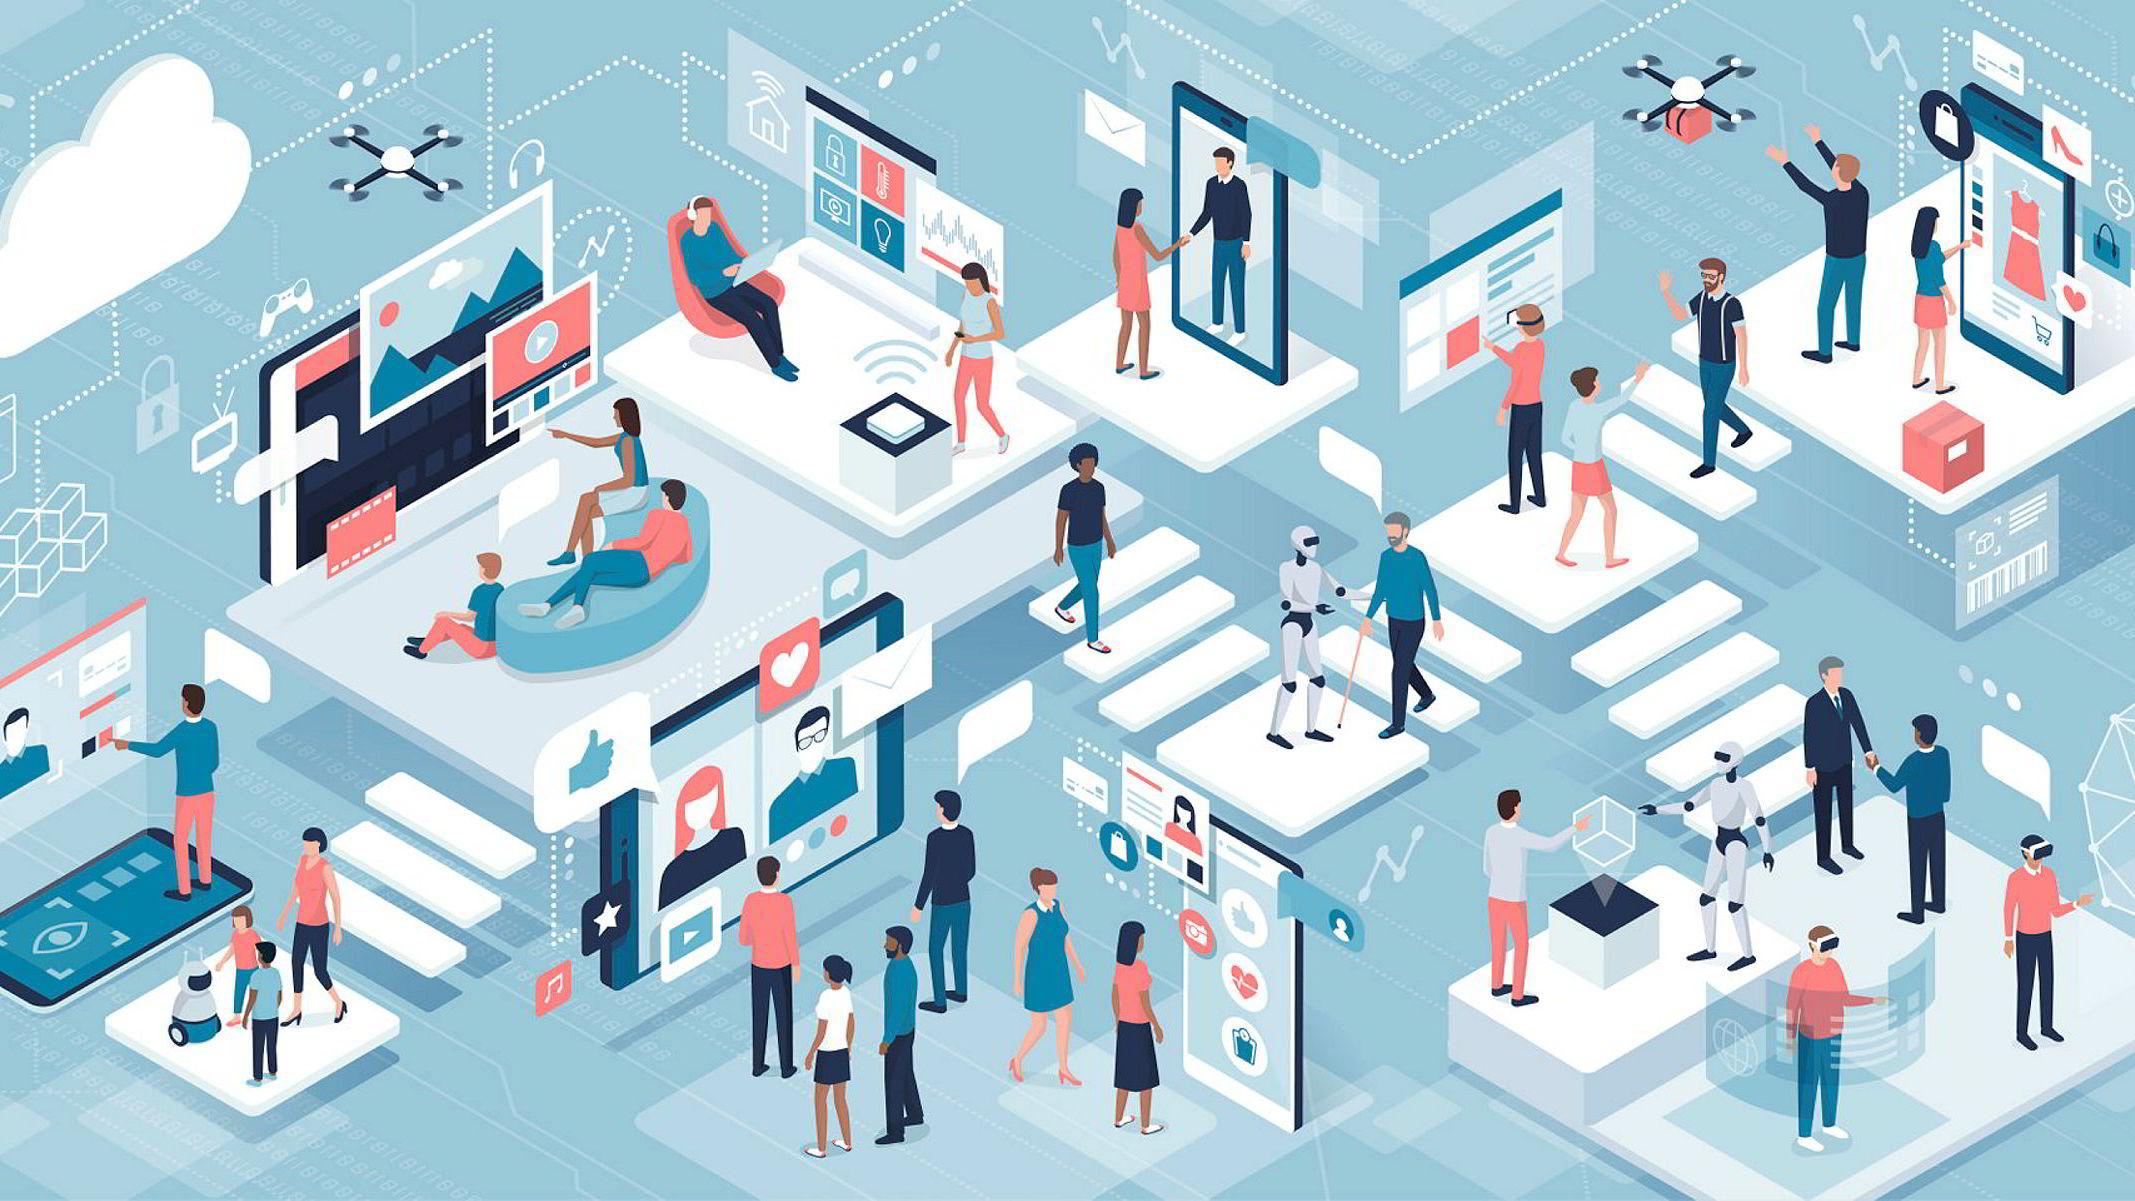 Raske, teknologidrevne endringer tvinger mange bedrifter til å samarbeide om nyvinninger for å kunne henge med. Det er en krevende balanse, særlig når samarbeidspartnerne er konkurrenter, skriver artikkelforfatteren.